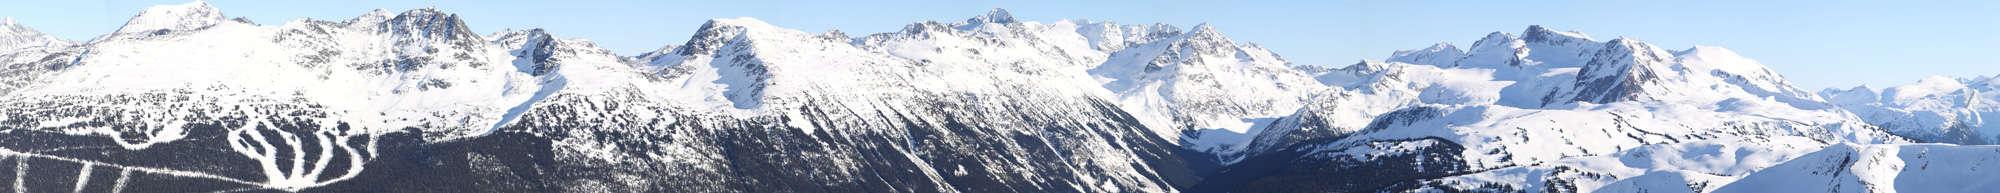 Whistler Resort Mountains